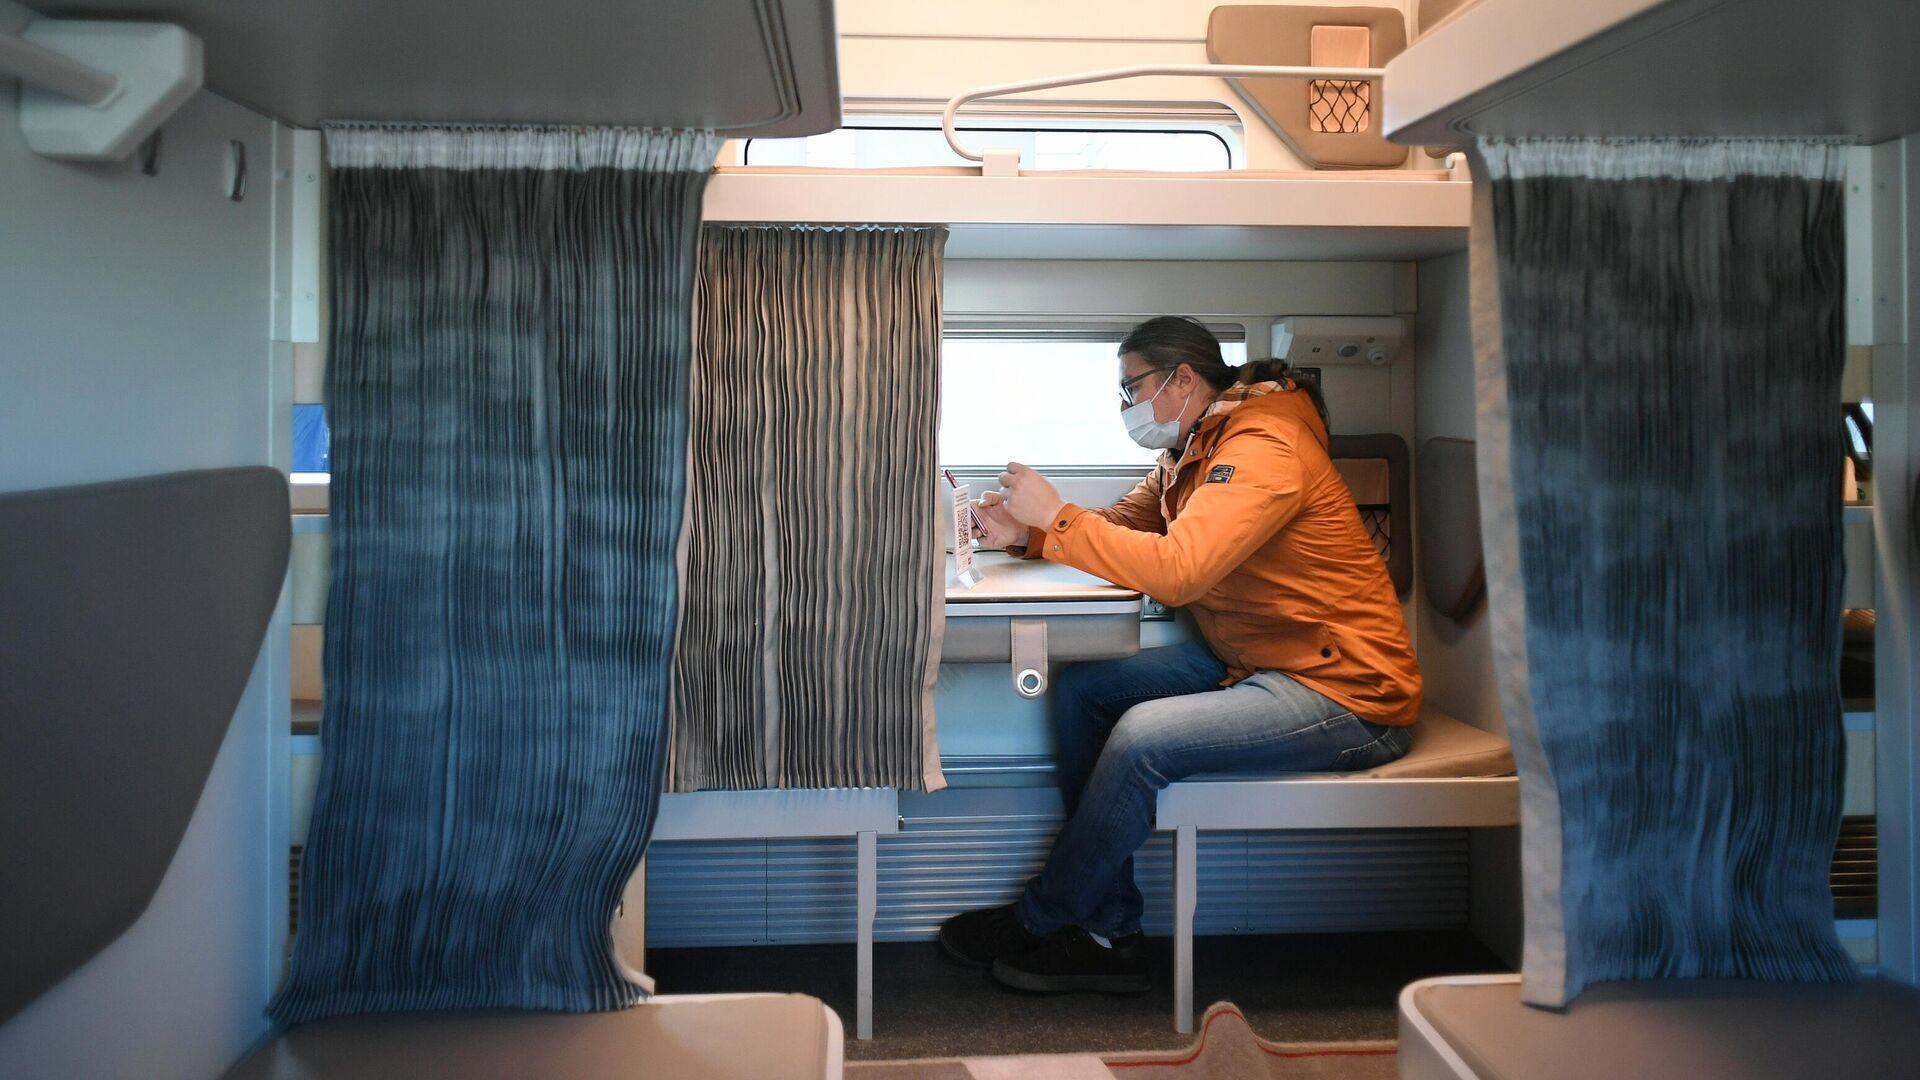 Мужчина в павильоне с макетом нового плацкартного вагона для поездов дальнего следования - РИА Новости, 1920, 22.02.2021